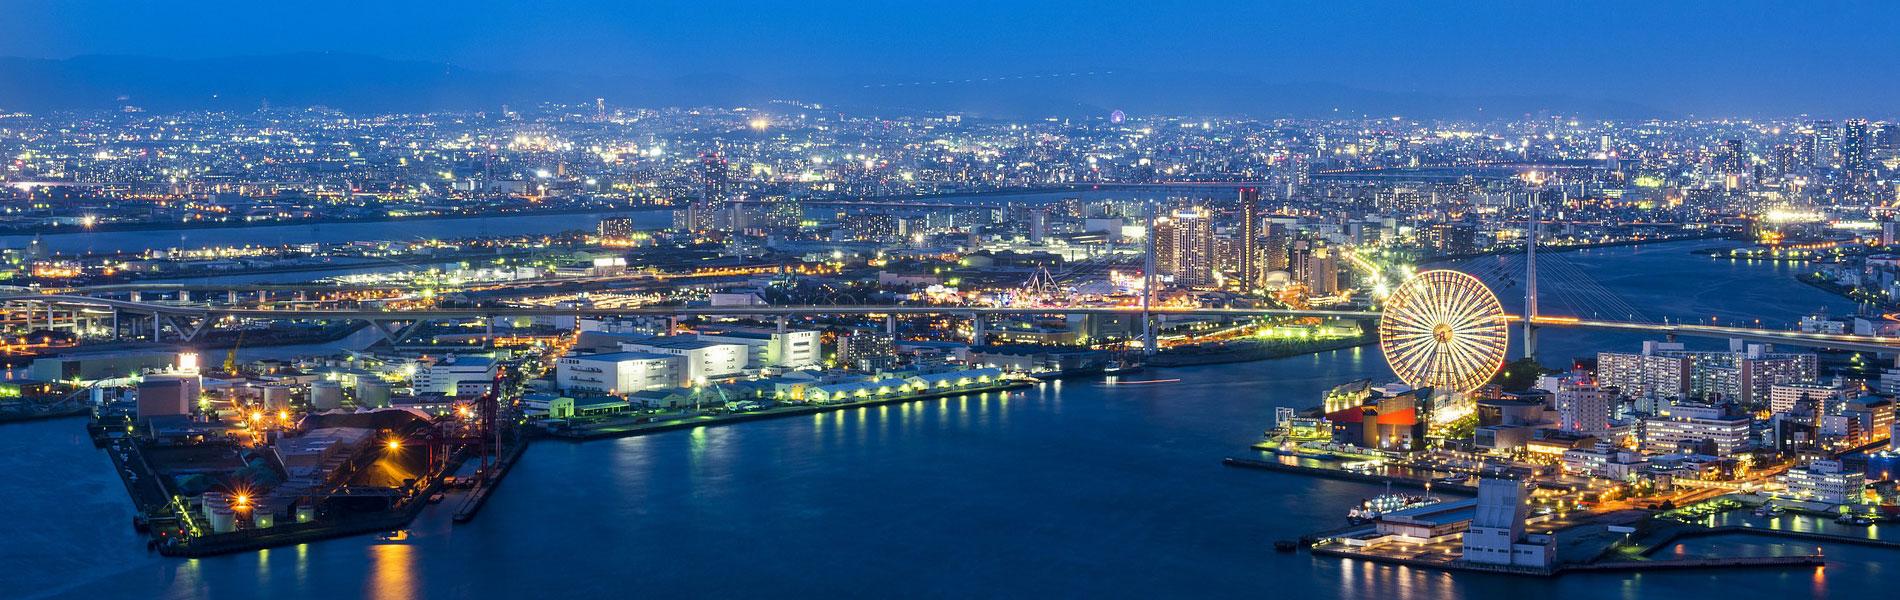 大阪市内・北摂・京阪神間の物件を主に扱っています。